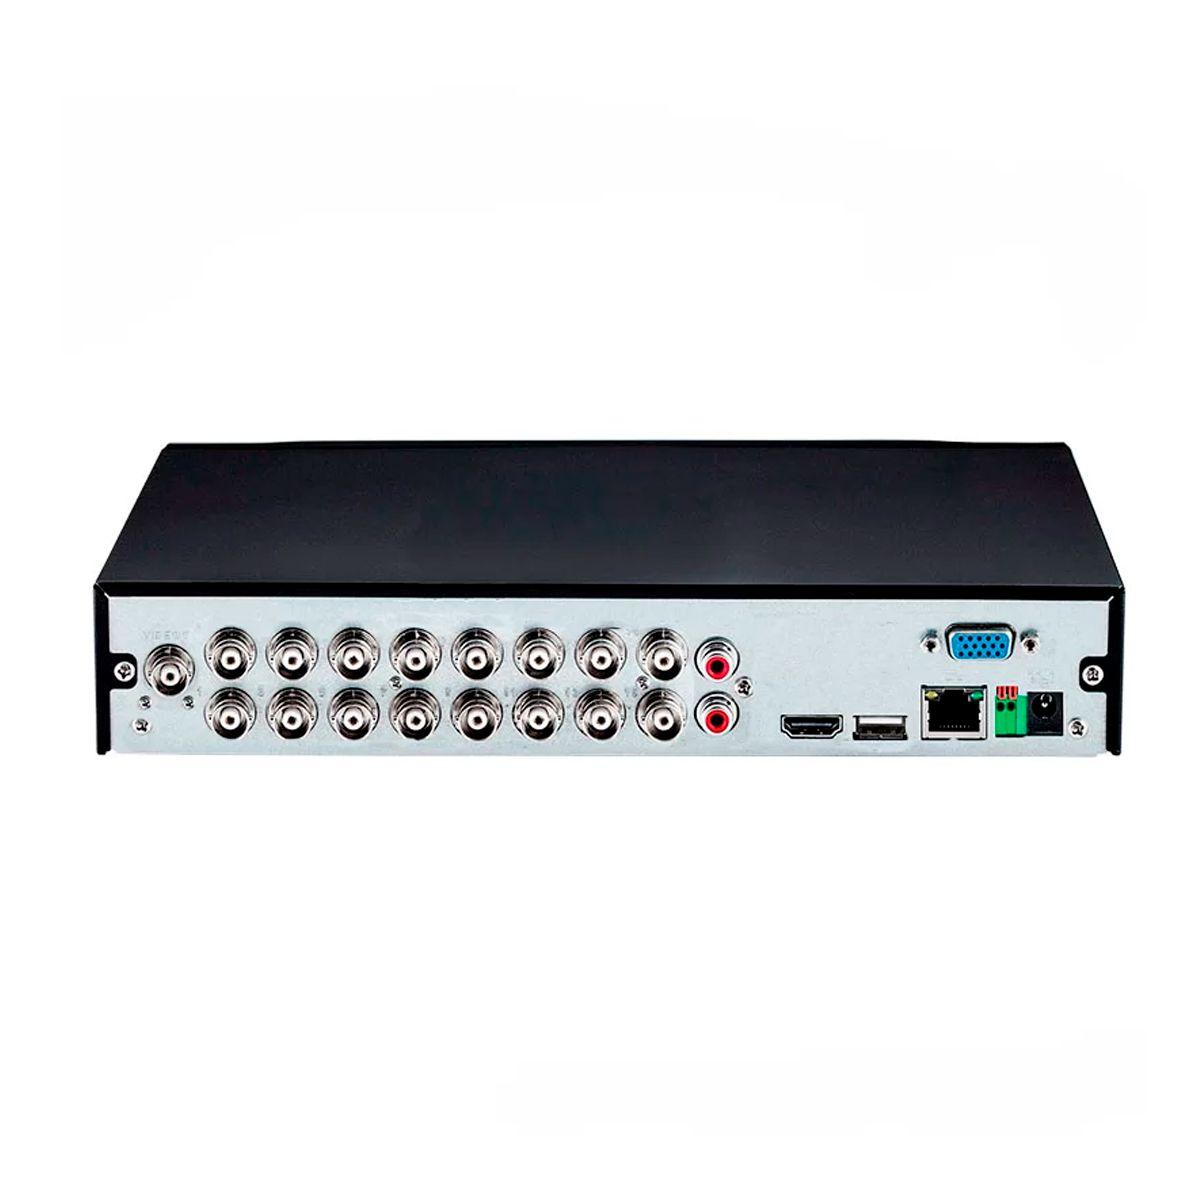 Kit 12 Câmeras VHD 3120 B G5 + DVR Intelbras + HD 1TB + App Grátis de Monitoramento, HD 720p 20m Infravermelho + Cabos e Acessórios  - Tudo Forte